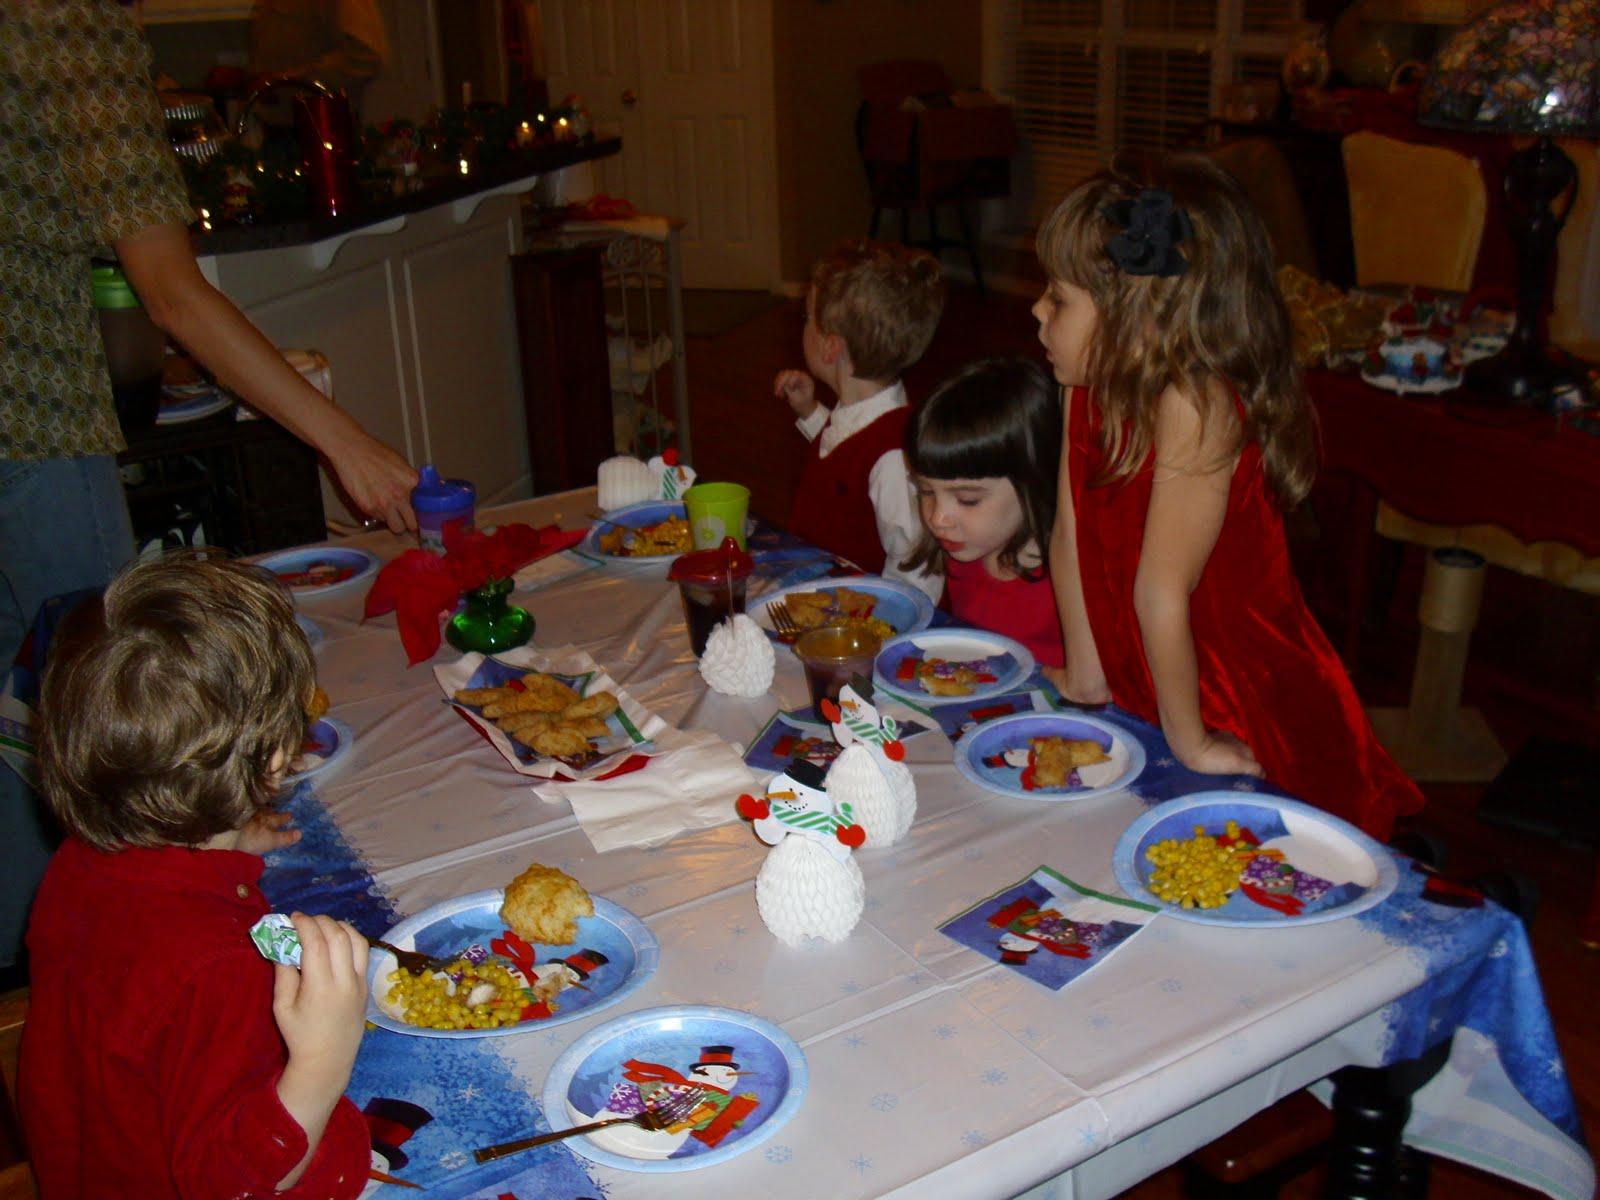 [Christmas+Eve+Kid's+Table]